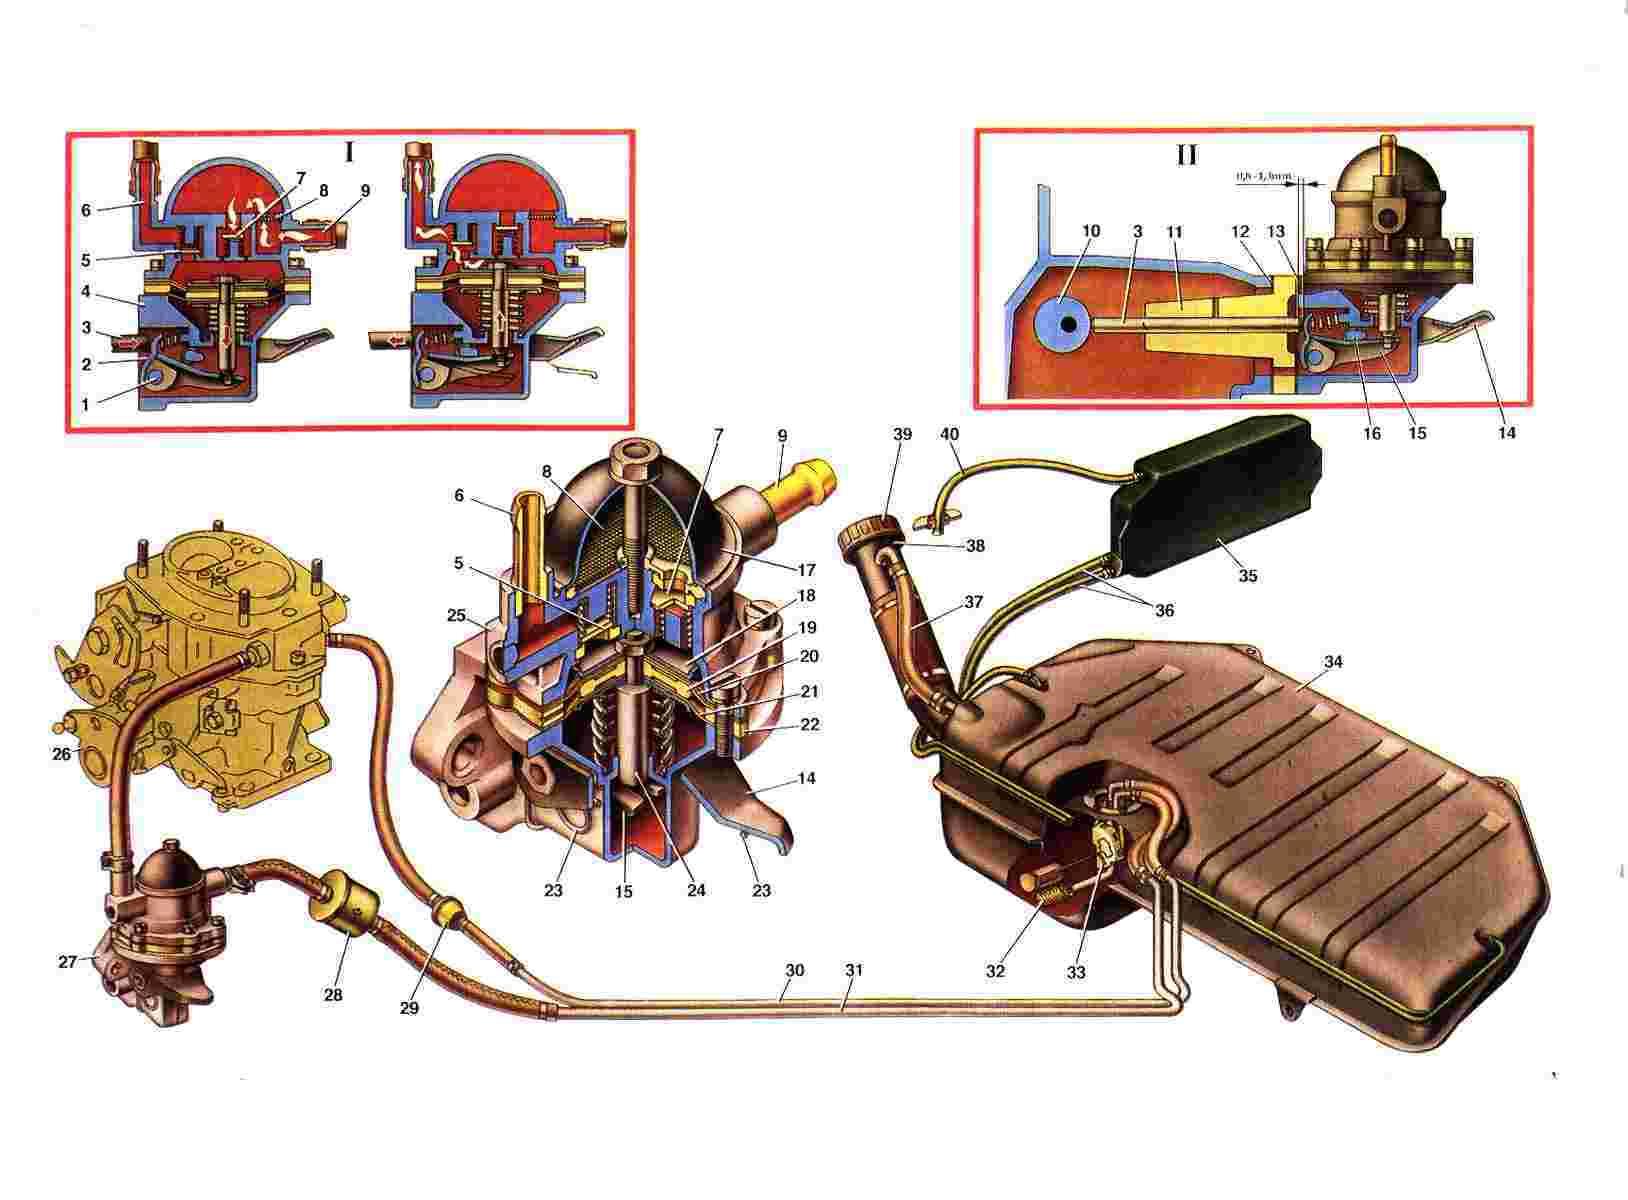 Система питания автомобилей ВАЗ-21213 включает приборы подачи топлива и воздуха, приготовления горючей смеси и...